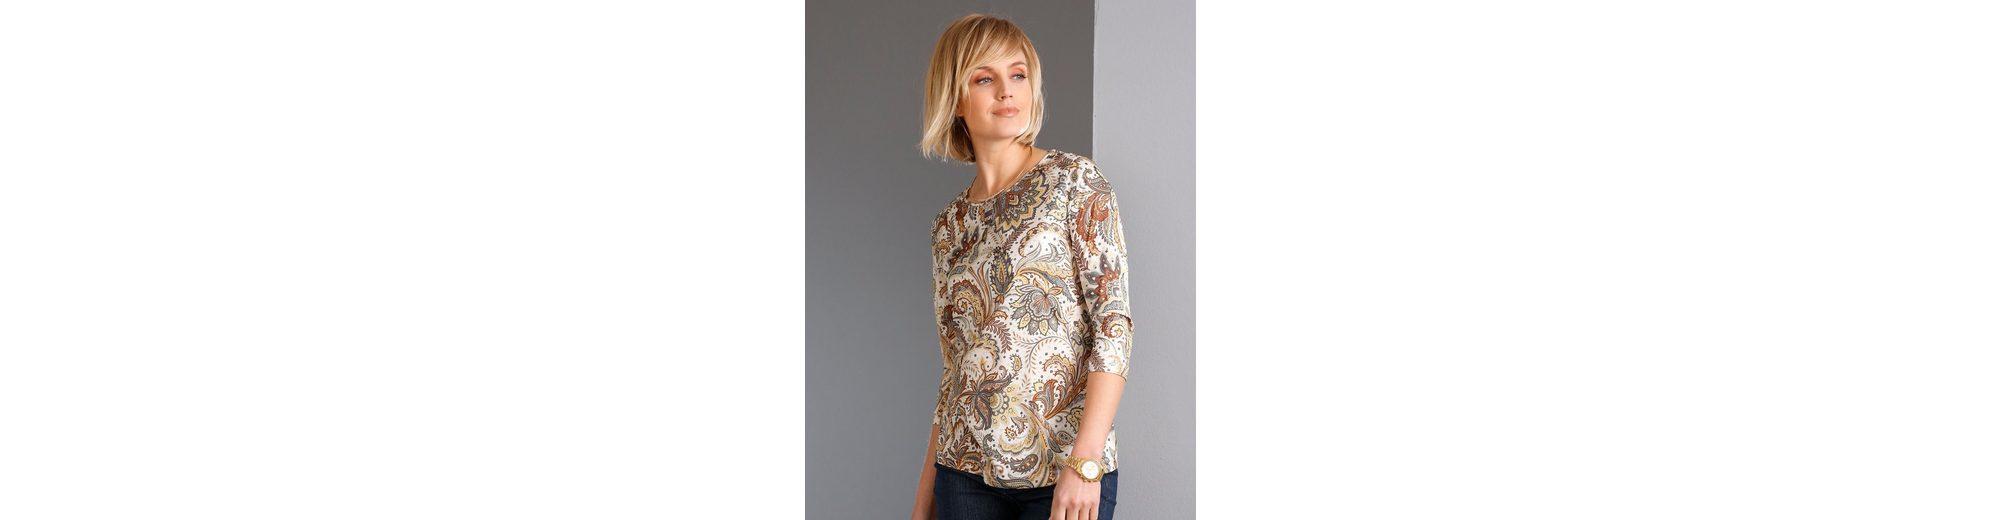 Paola Paola Shirt Shirt Paisleydruck mit vxg4UwHq